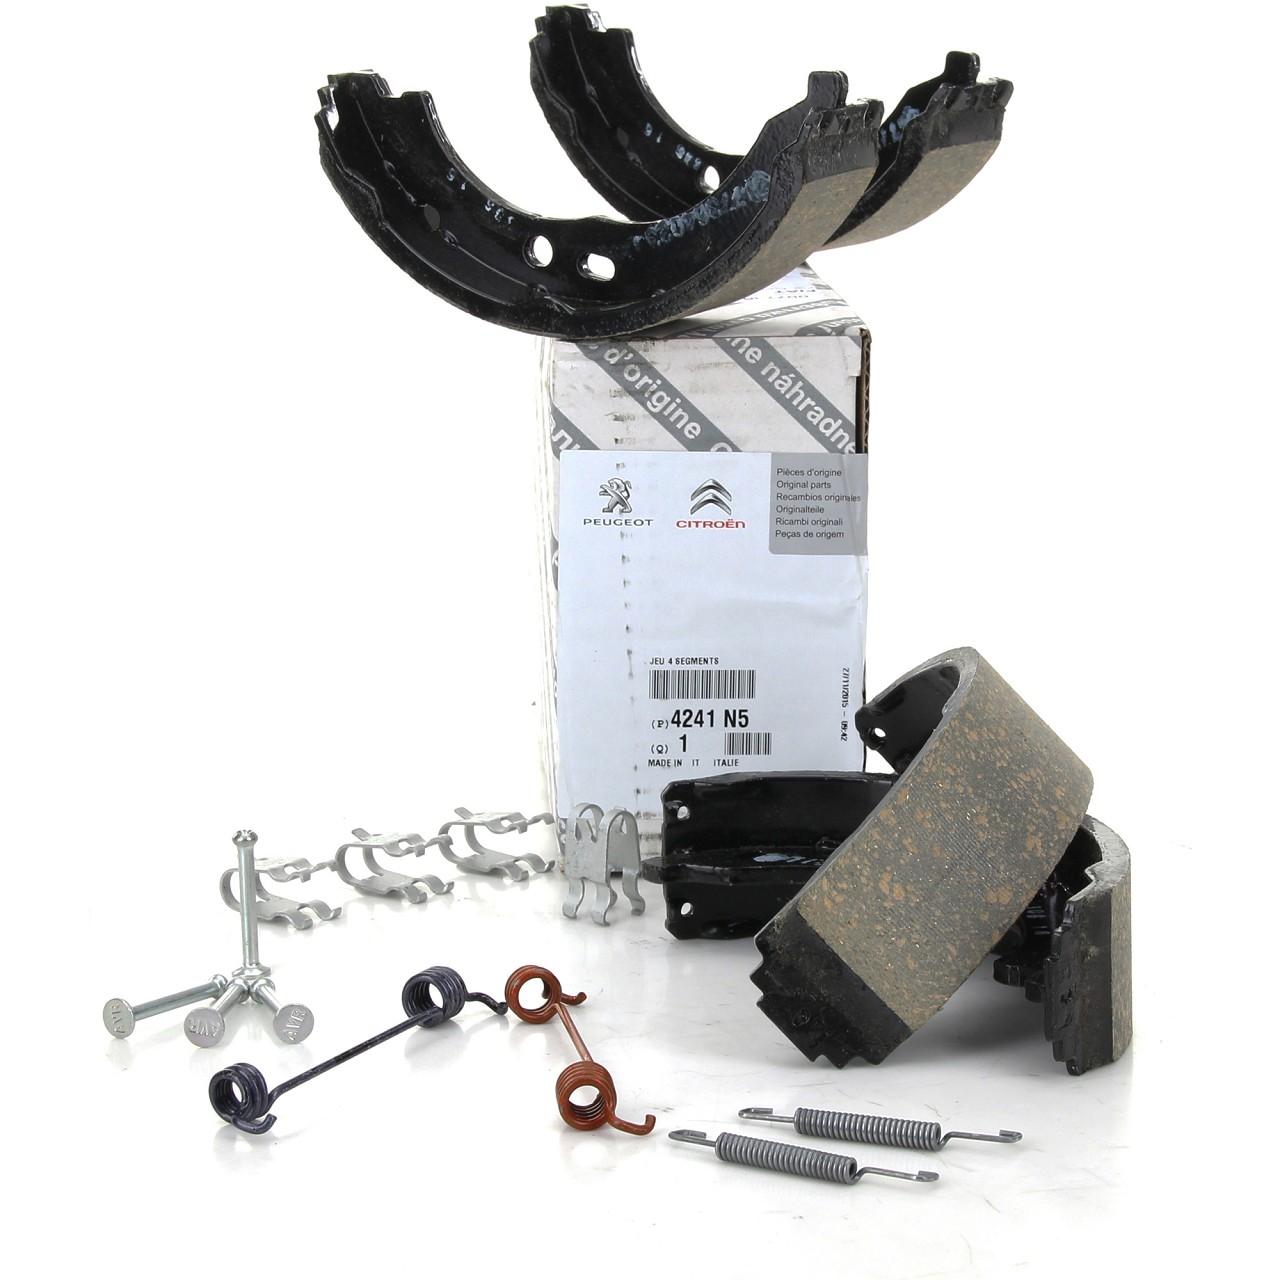 ORIGINAL Citroen Peugeot Bremsbacken Satz Jumper Boxer ab 2006 4241.N5 + Zubehör